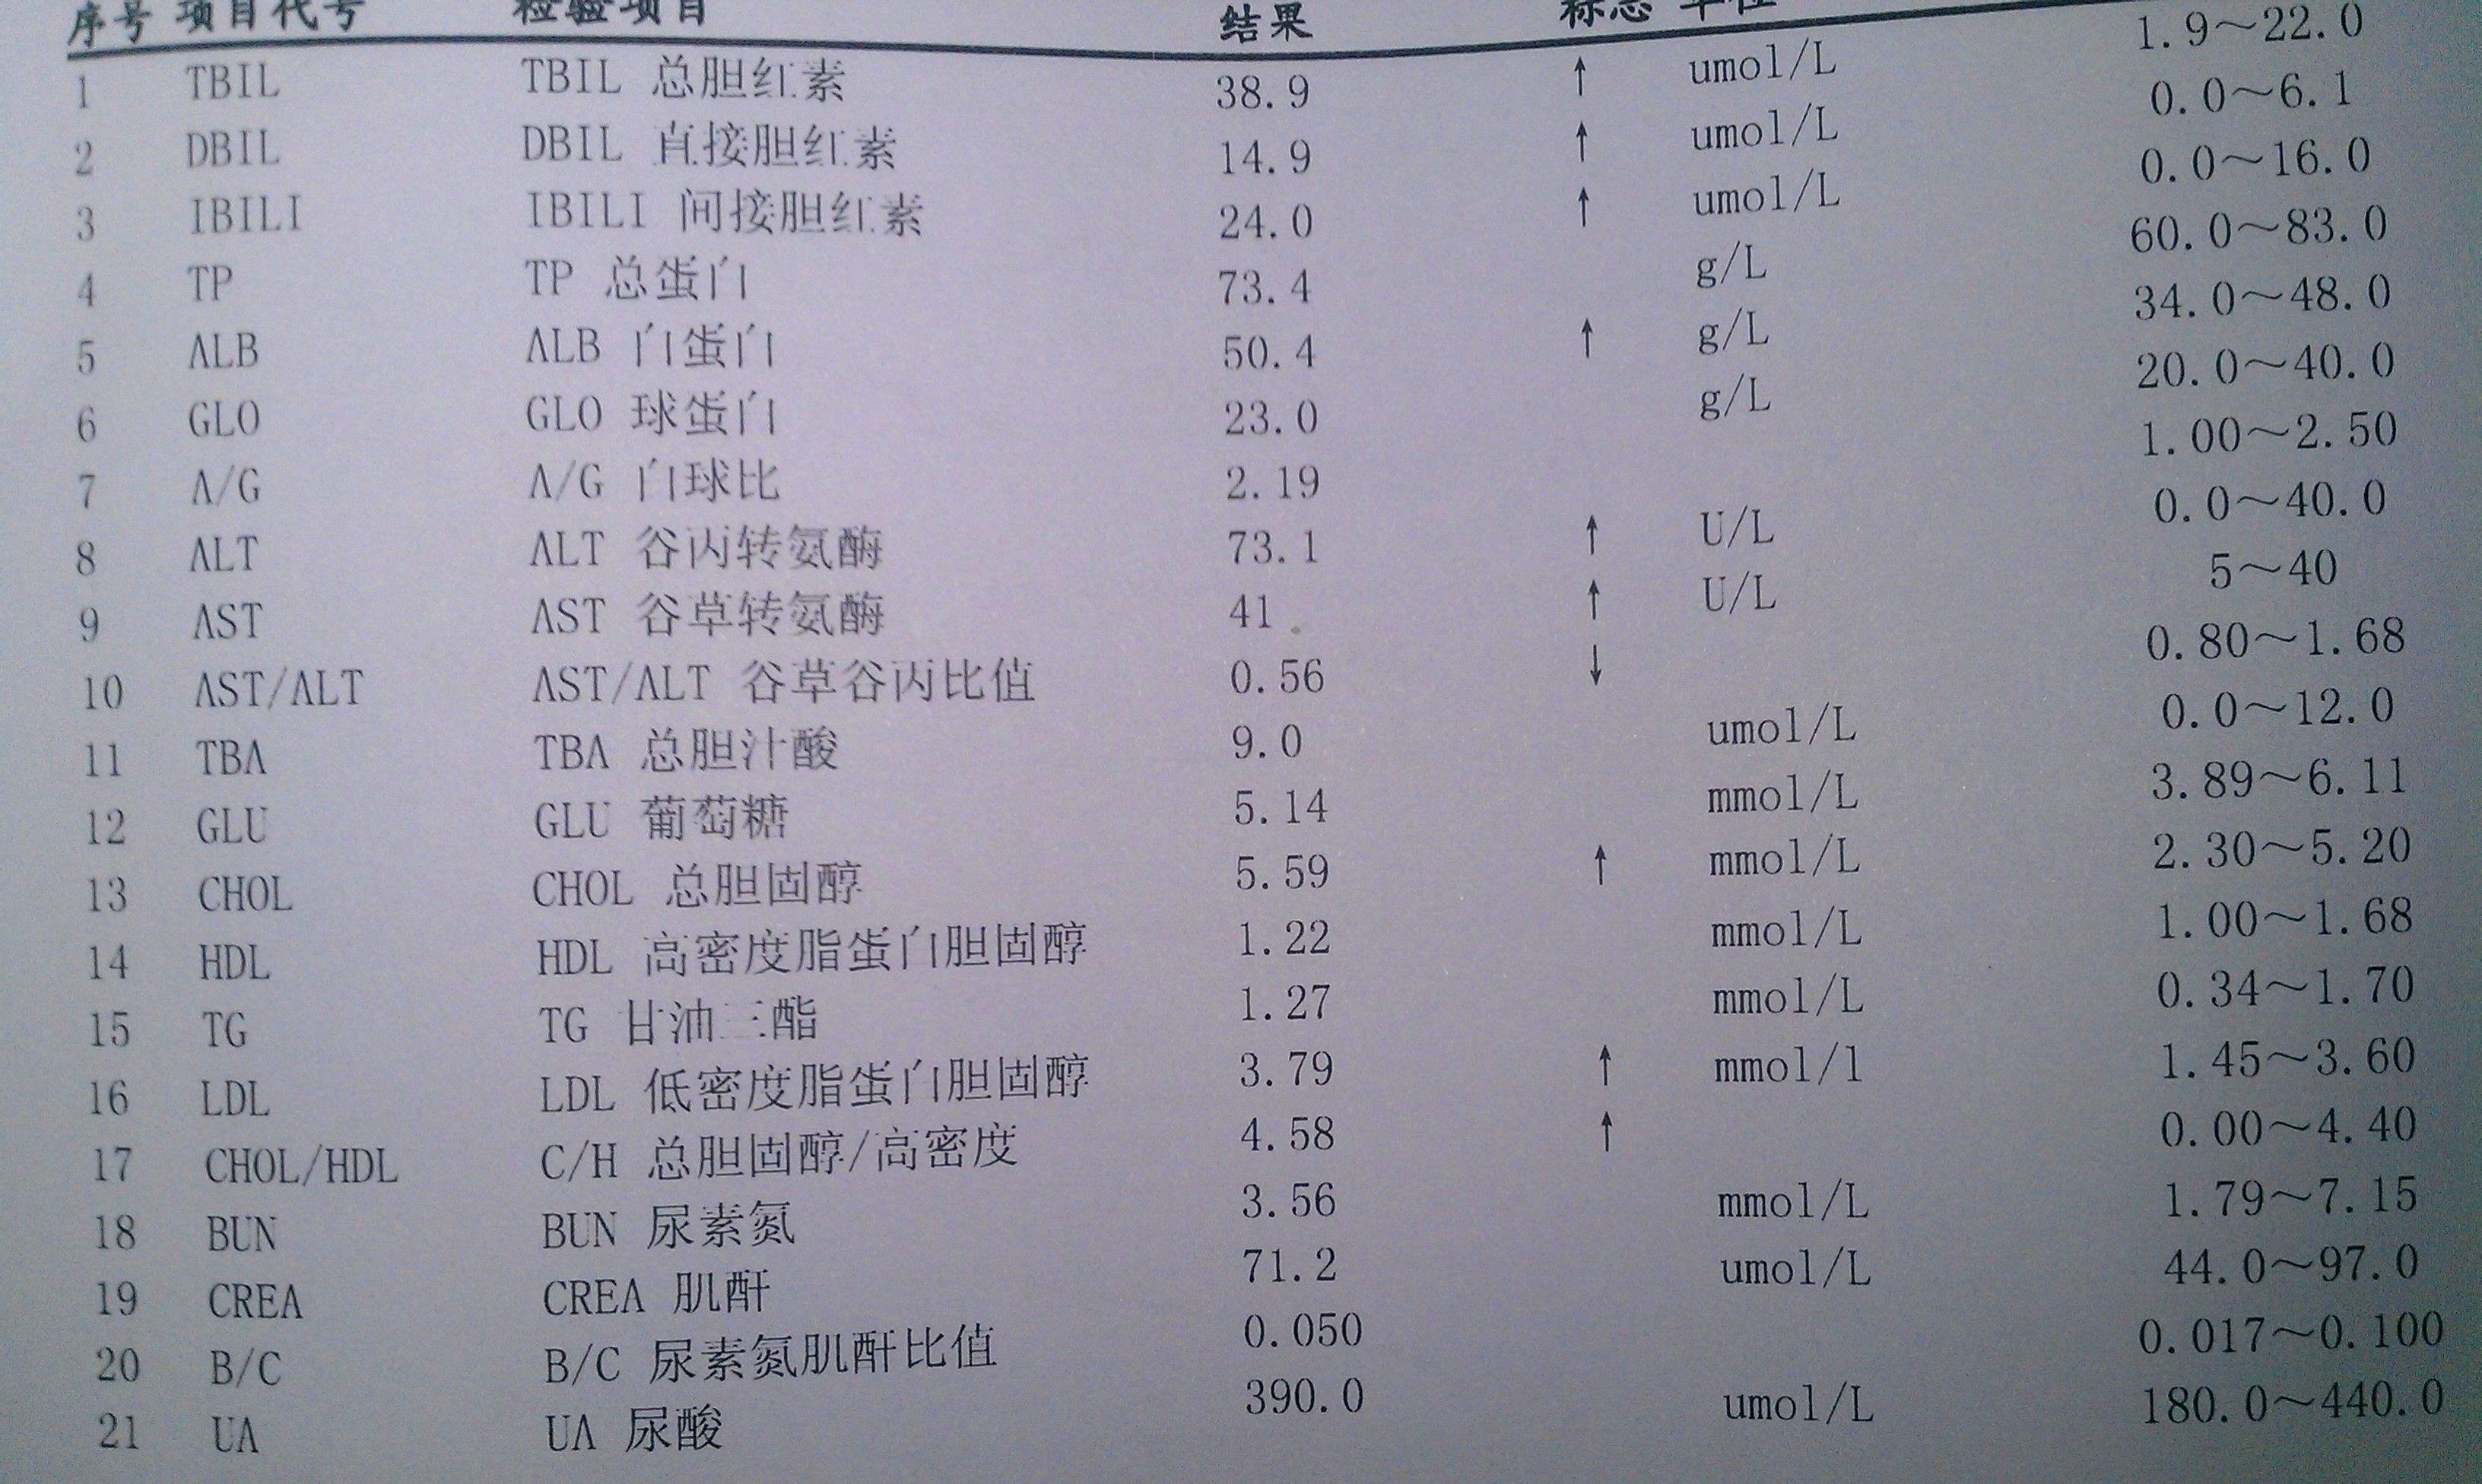 乙肝大三阳症状与慢性肝炎程度正相关